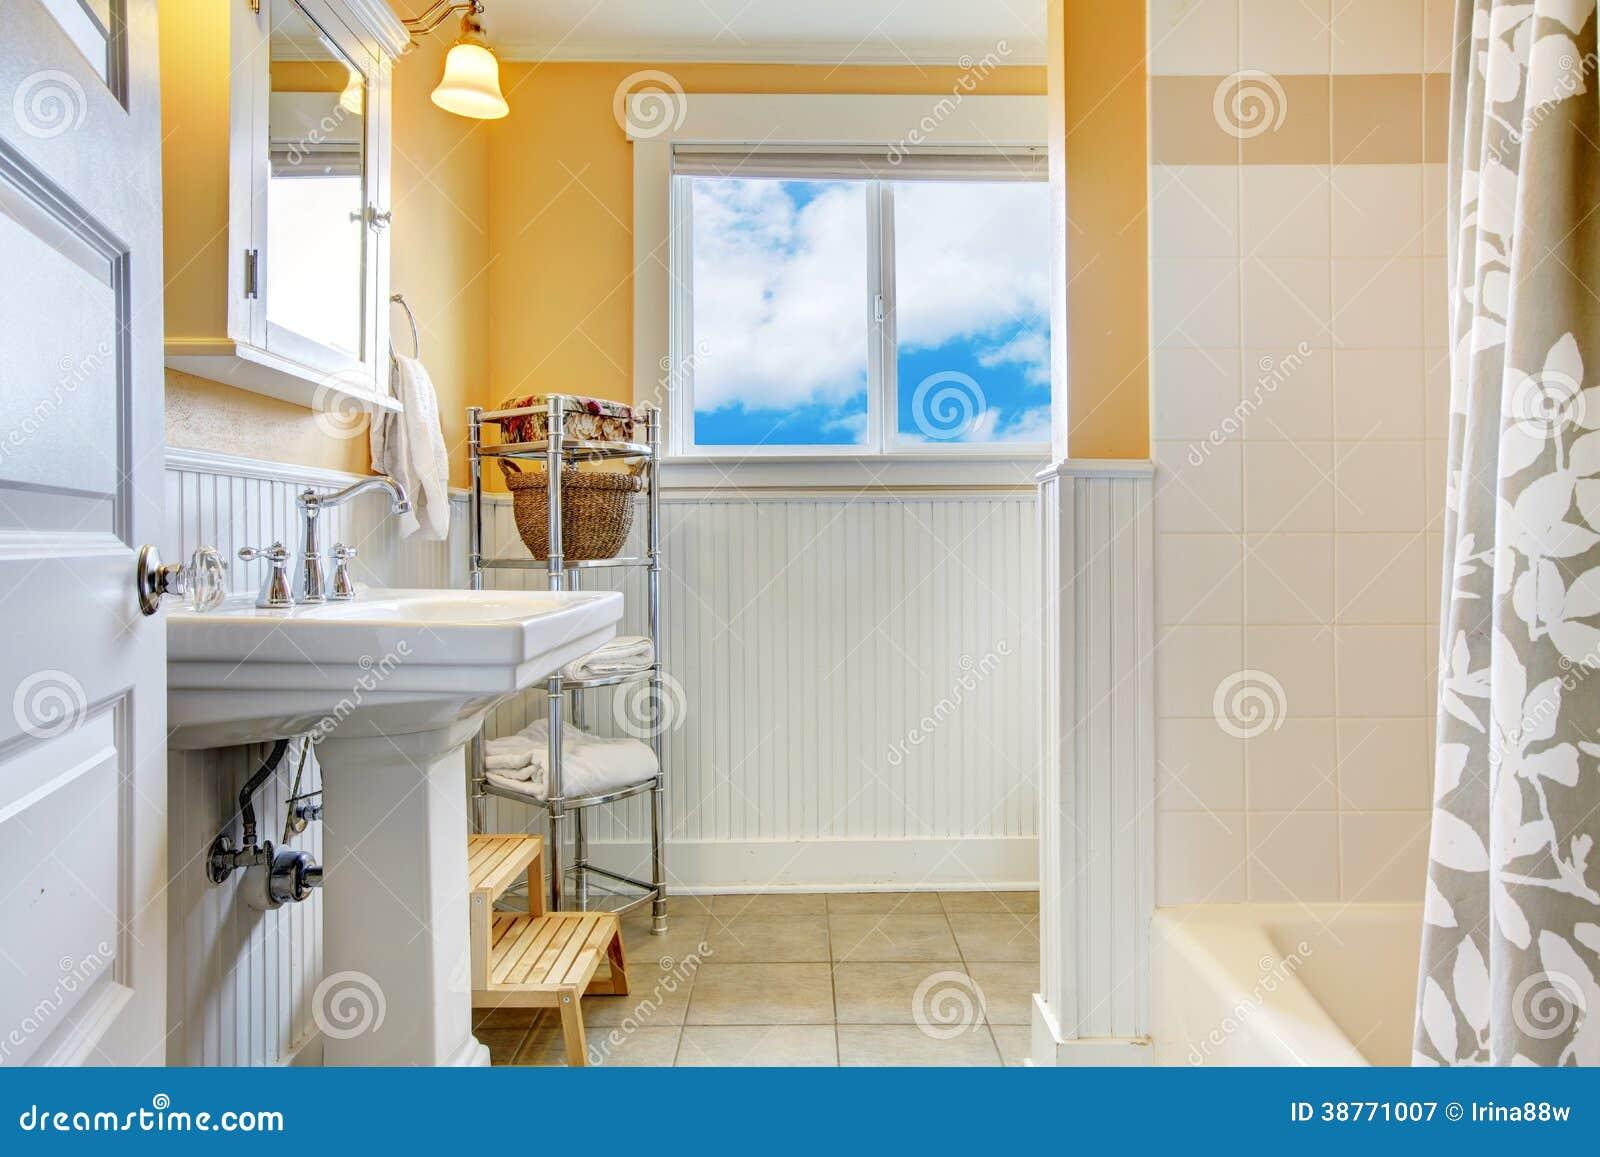 Bagno Giallo E Bianco Con Una Finestra Fotografia Stock Libera da Diritti - Immagine: 38771007